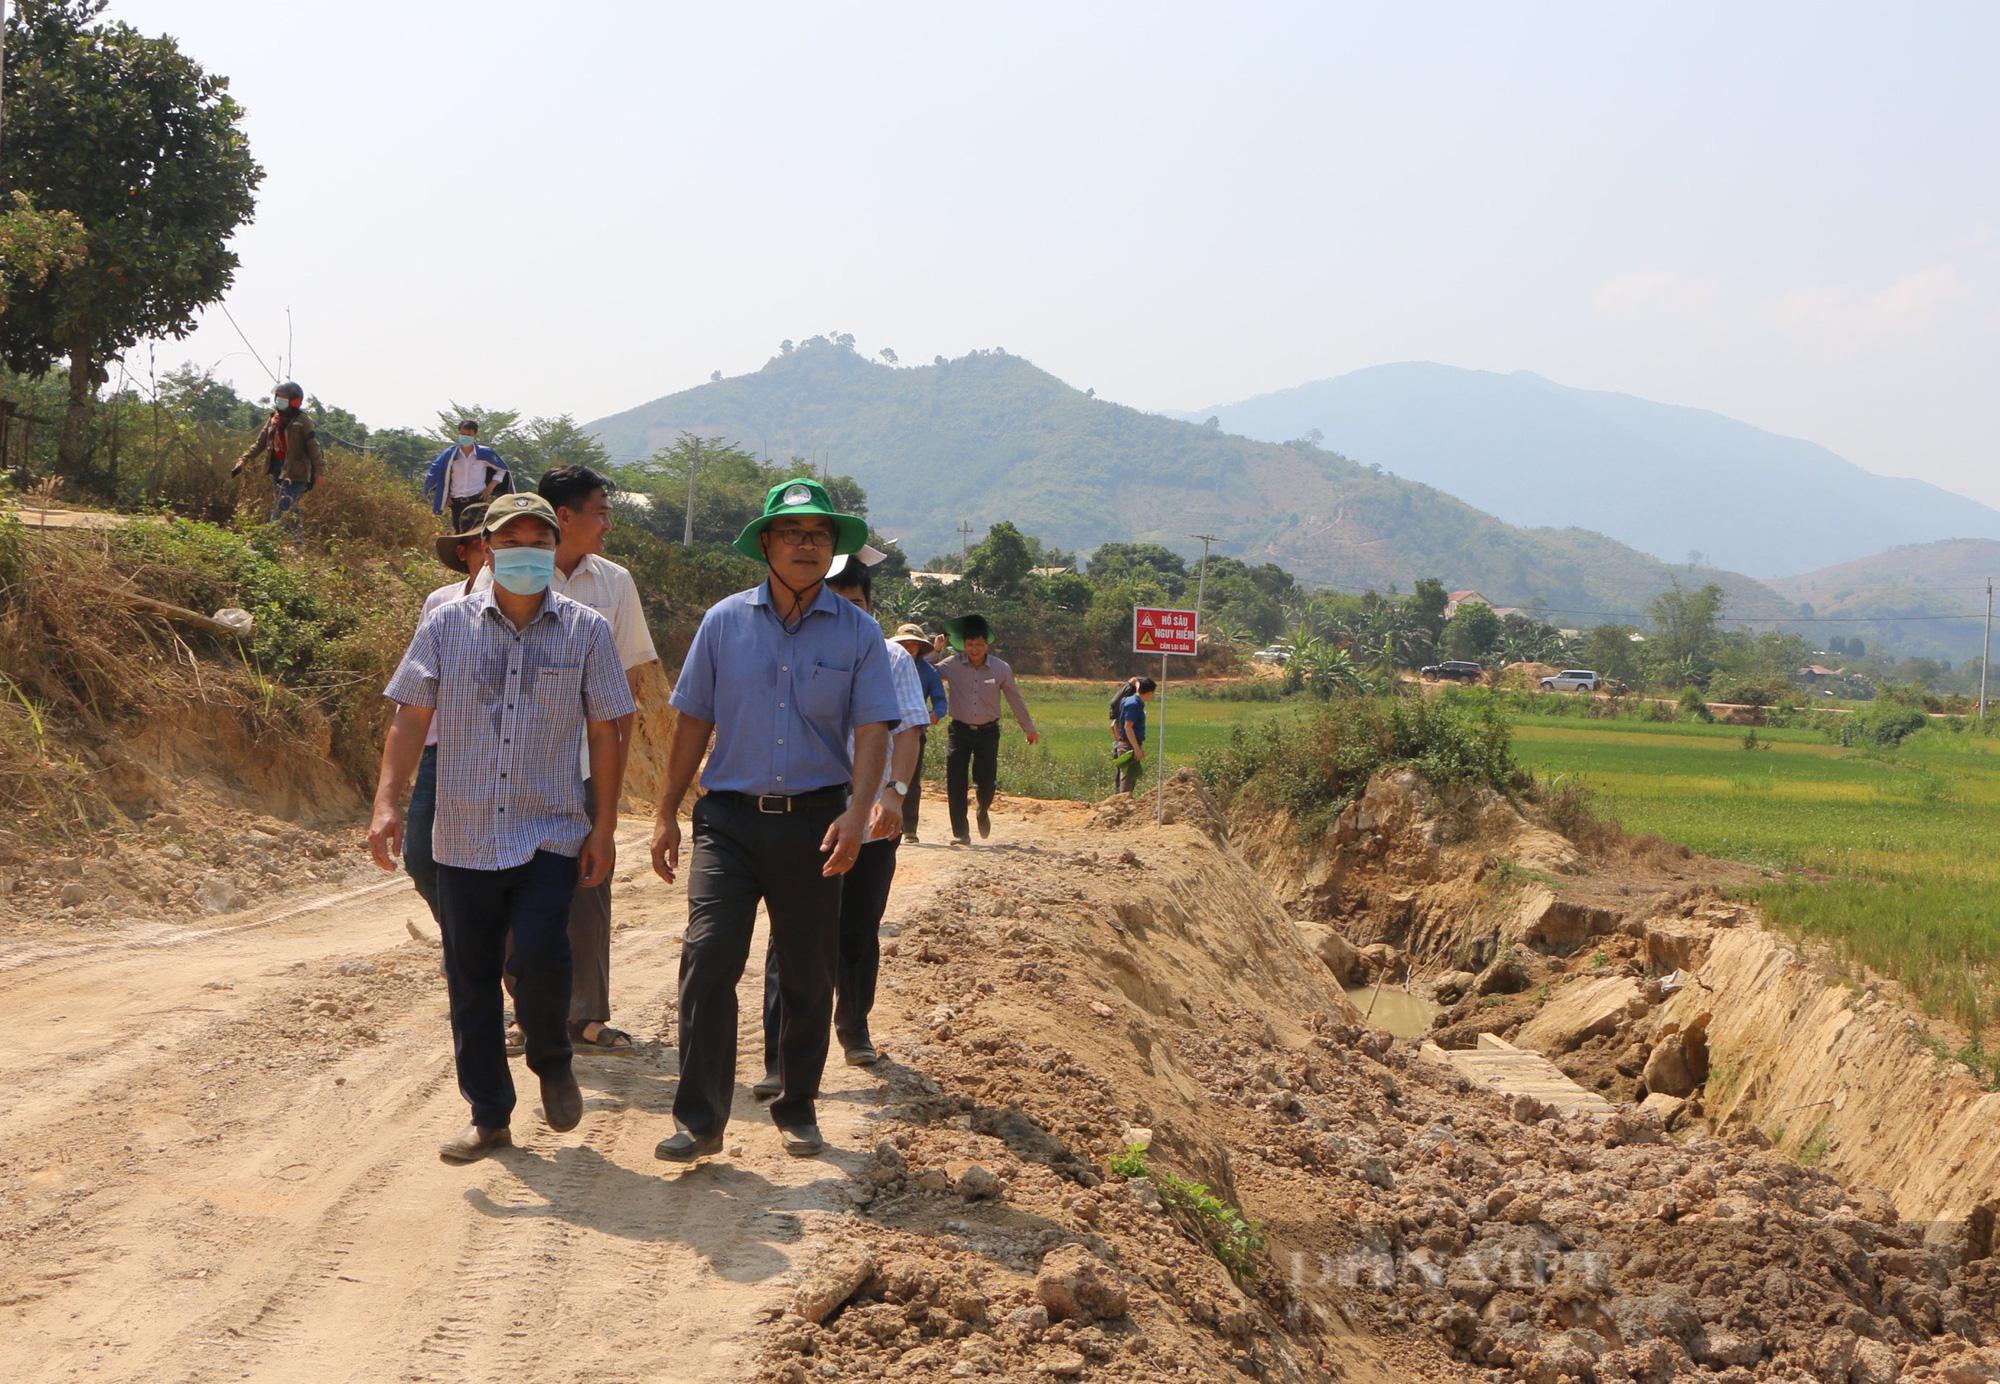 """Đắk Nông: Dân mỏi mòn chờ công trình 90 tỷ hoàn thành, chủ đầu tư """"hờ hững"""" xin gia hạn lần thứ 4 - Ảnh 3."""